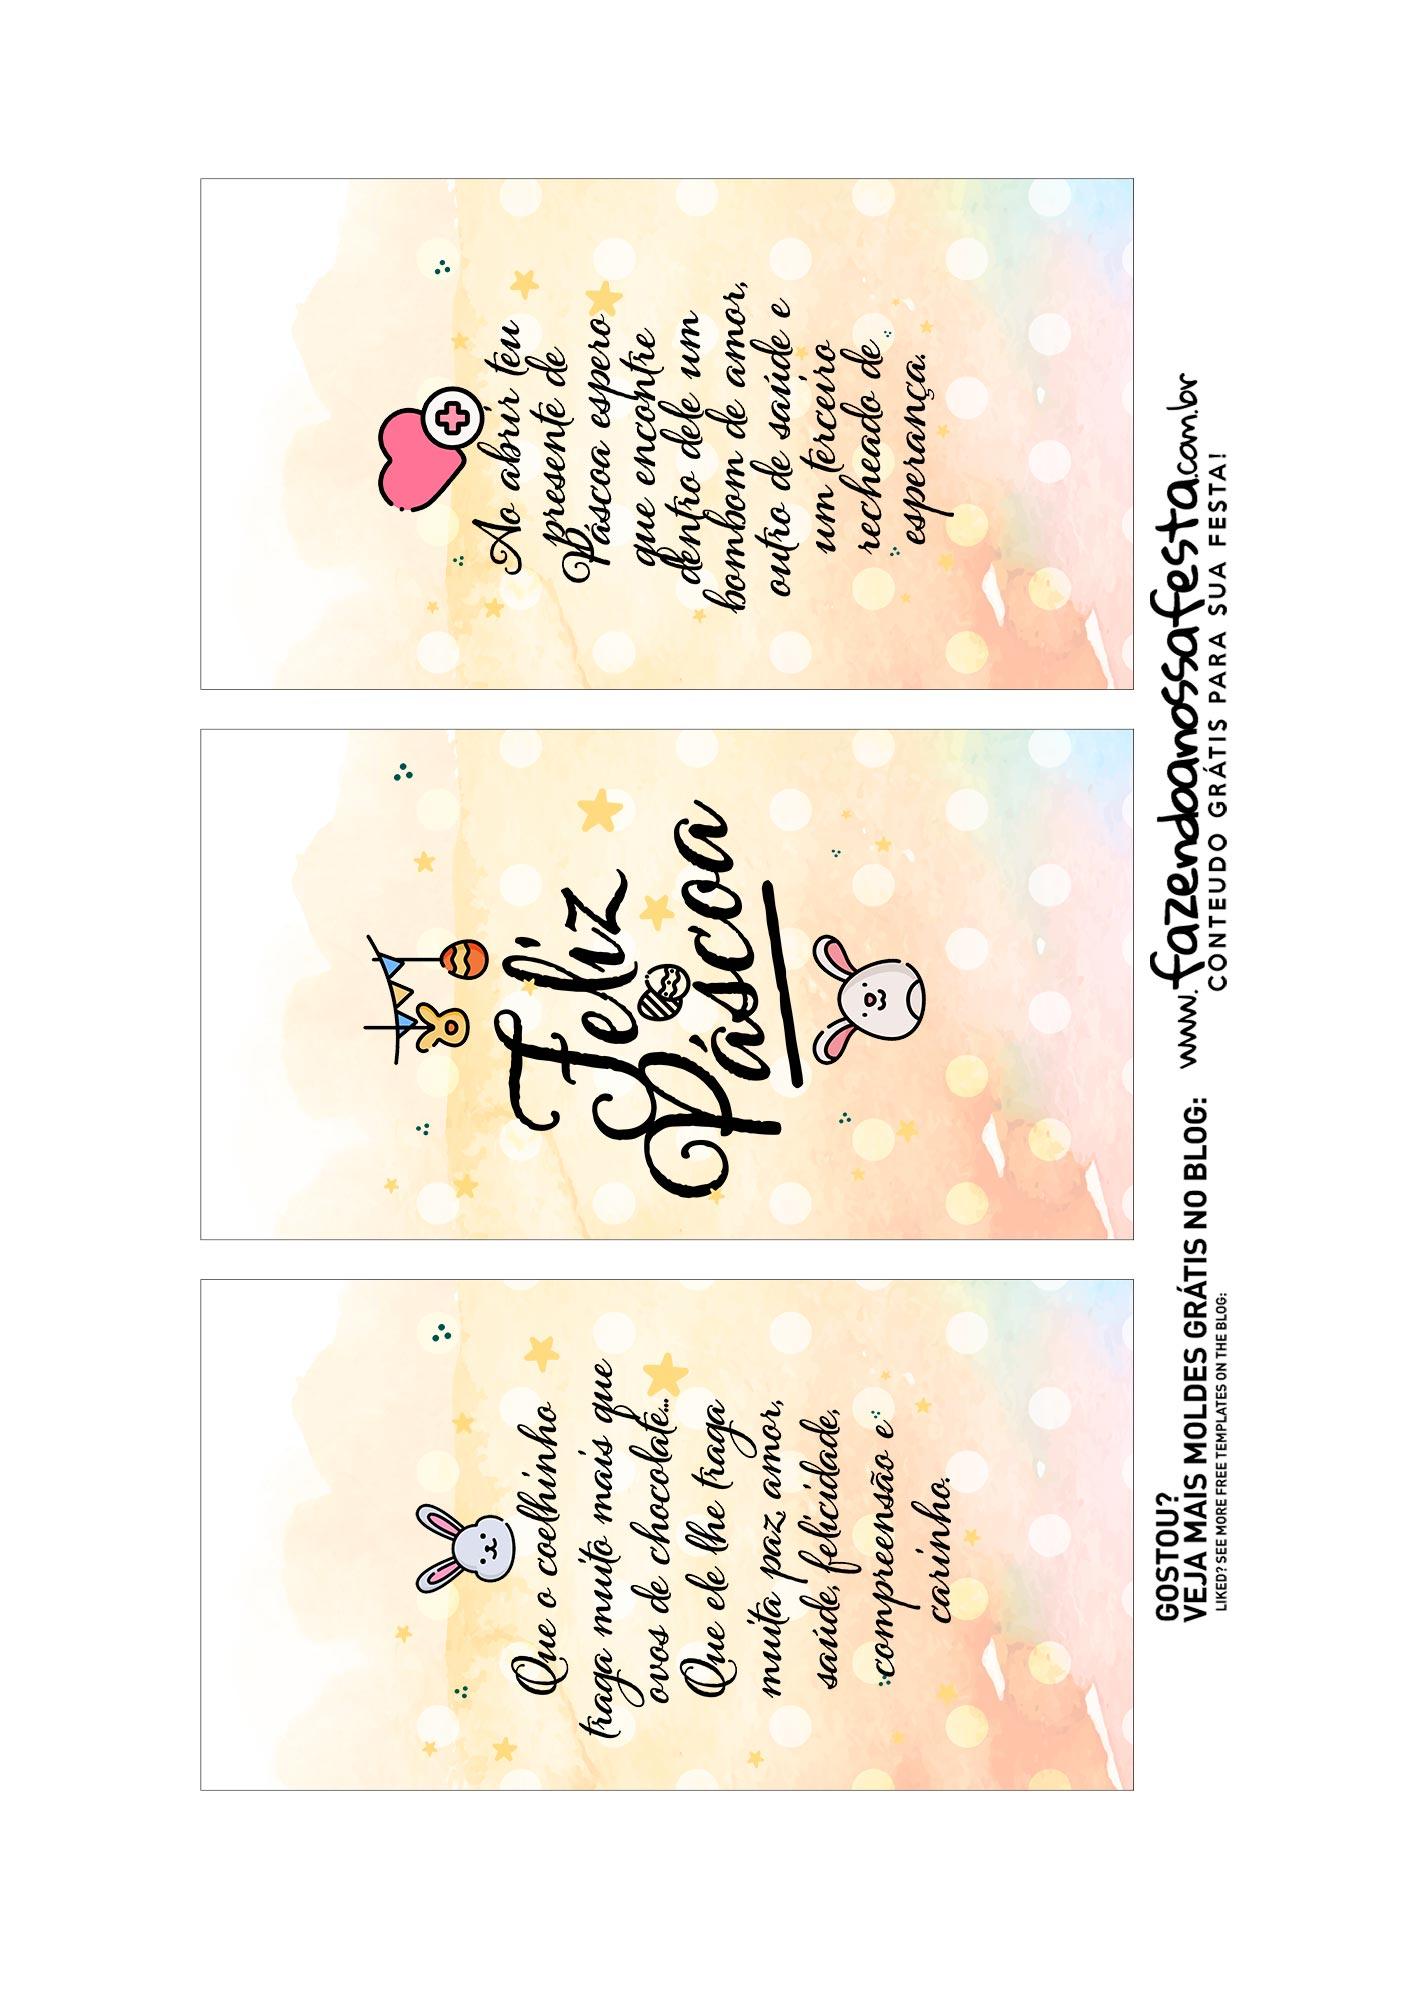 Caixa Explosao Pascoa colorida parte 2